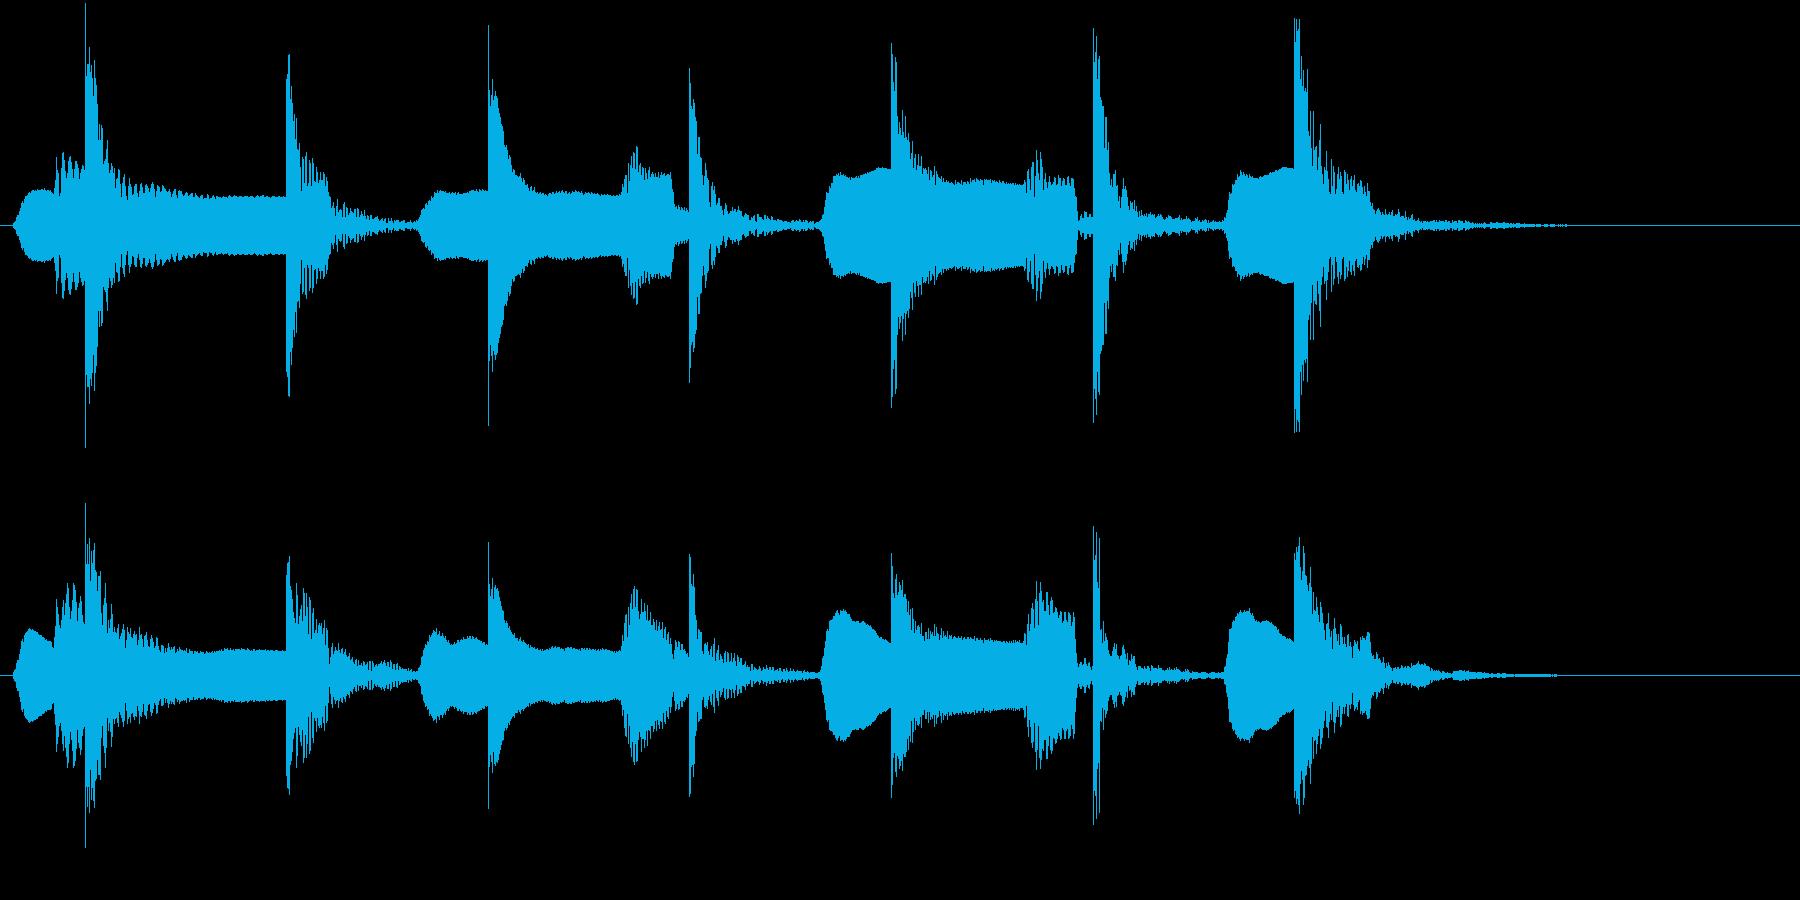 木琴とリコーダーの可愛らしいジングルの再生済みの波形